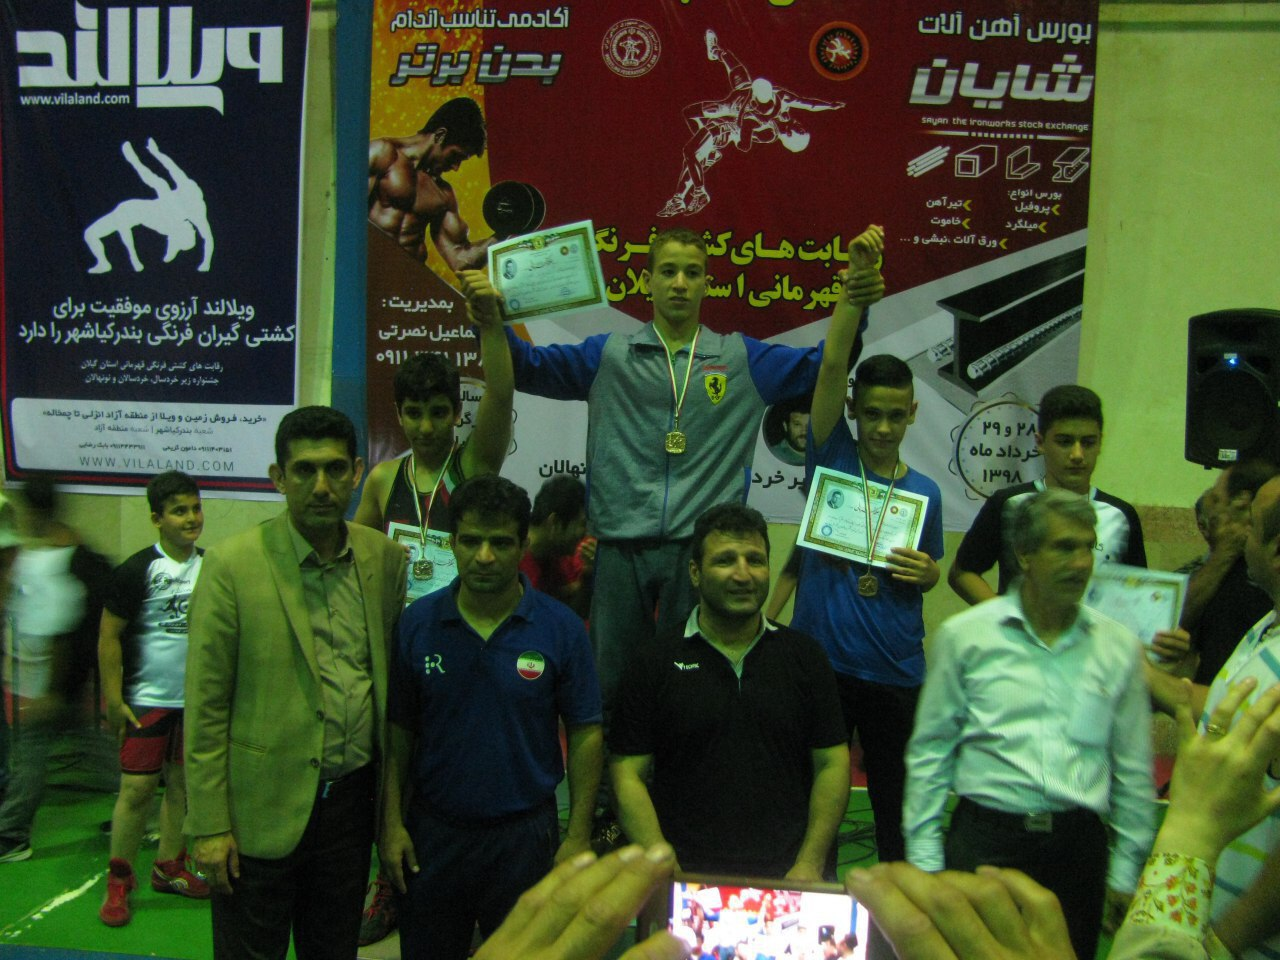 کسب مقام سوم تیمی هیات کشتی لاهیجان در رده خردسالان مسابقات قهرمانی استان به میزبانی کیاشهر